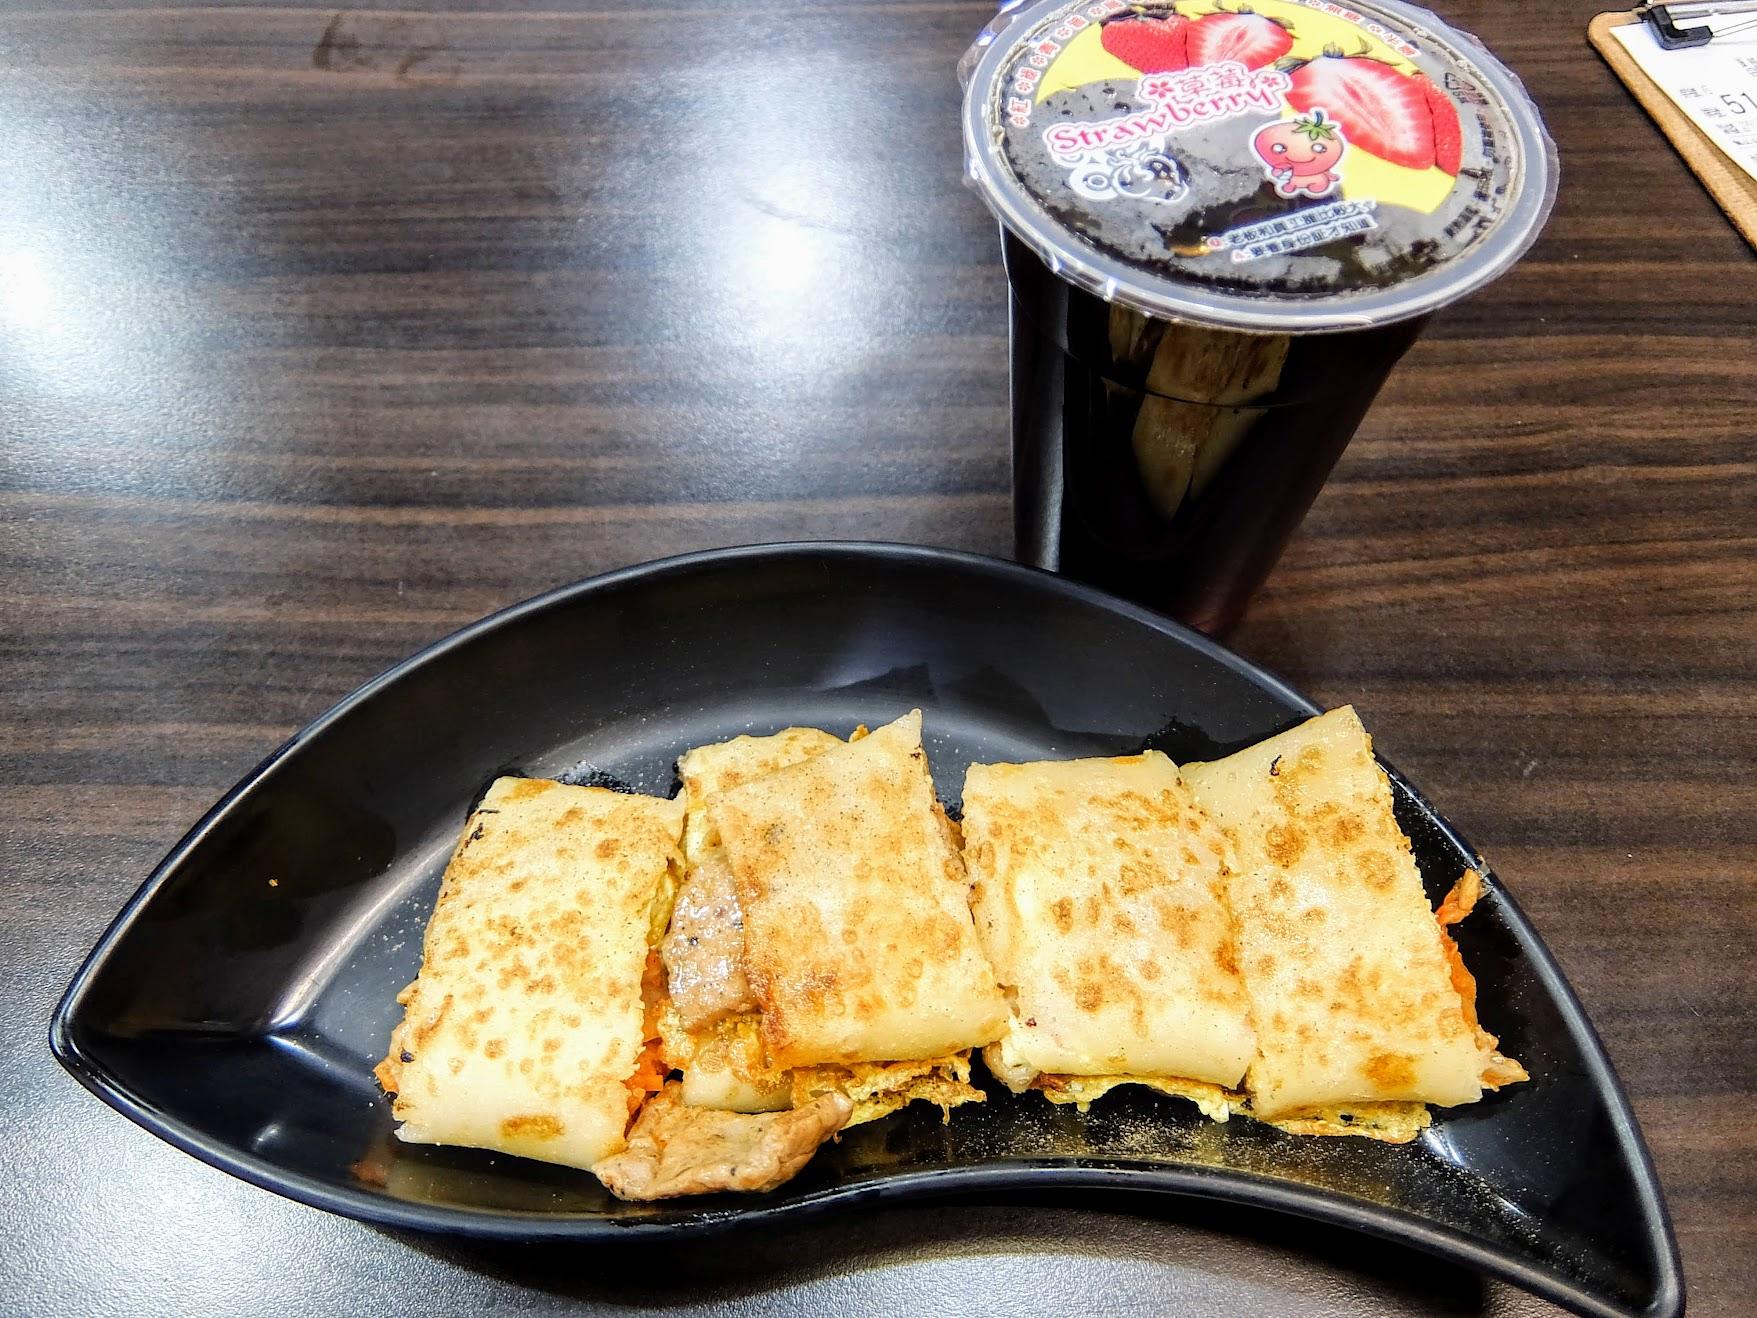 韓式泡菜燒肉蛋餅,就這樣一個蛋餅一杯飲料,是一天活力的泉源